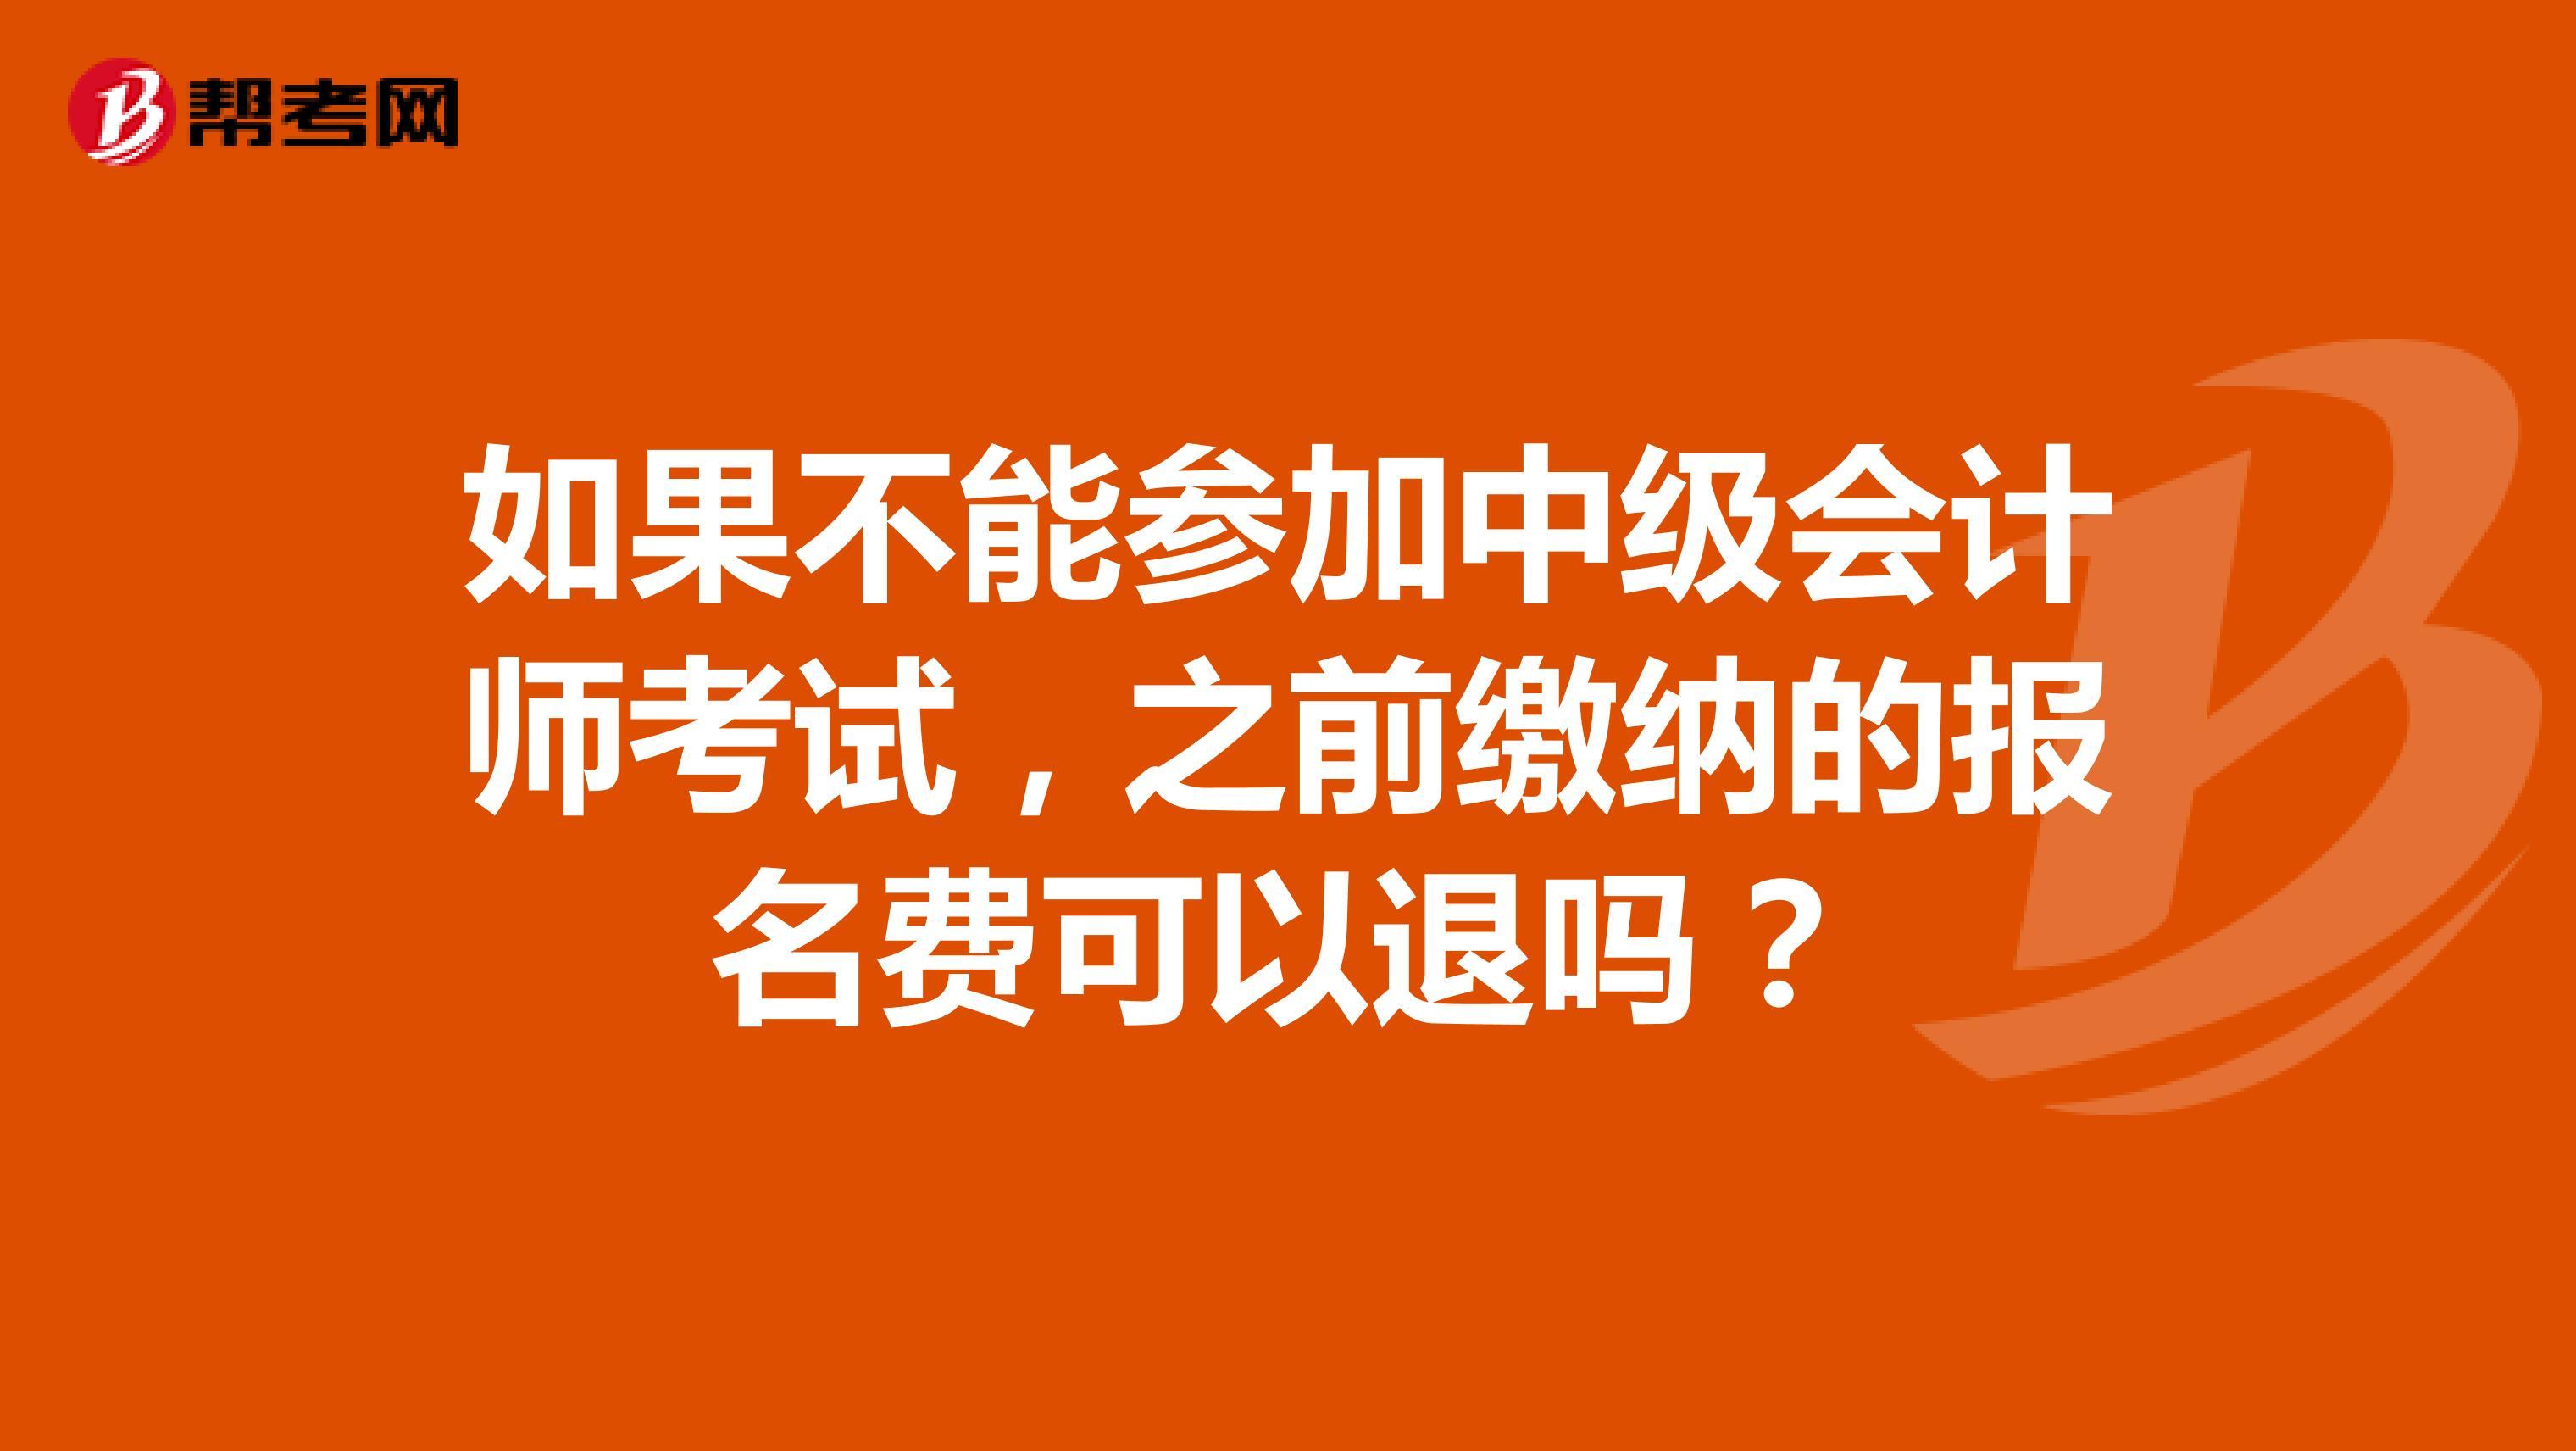 如果不能参加中级会计师考试,之前缴纳的报名费可以退吗?